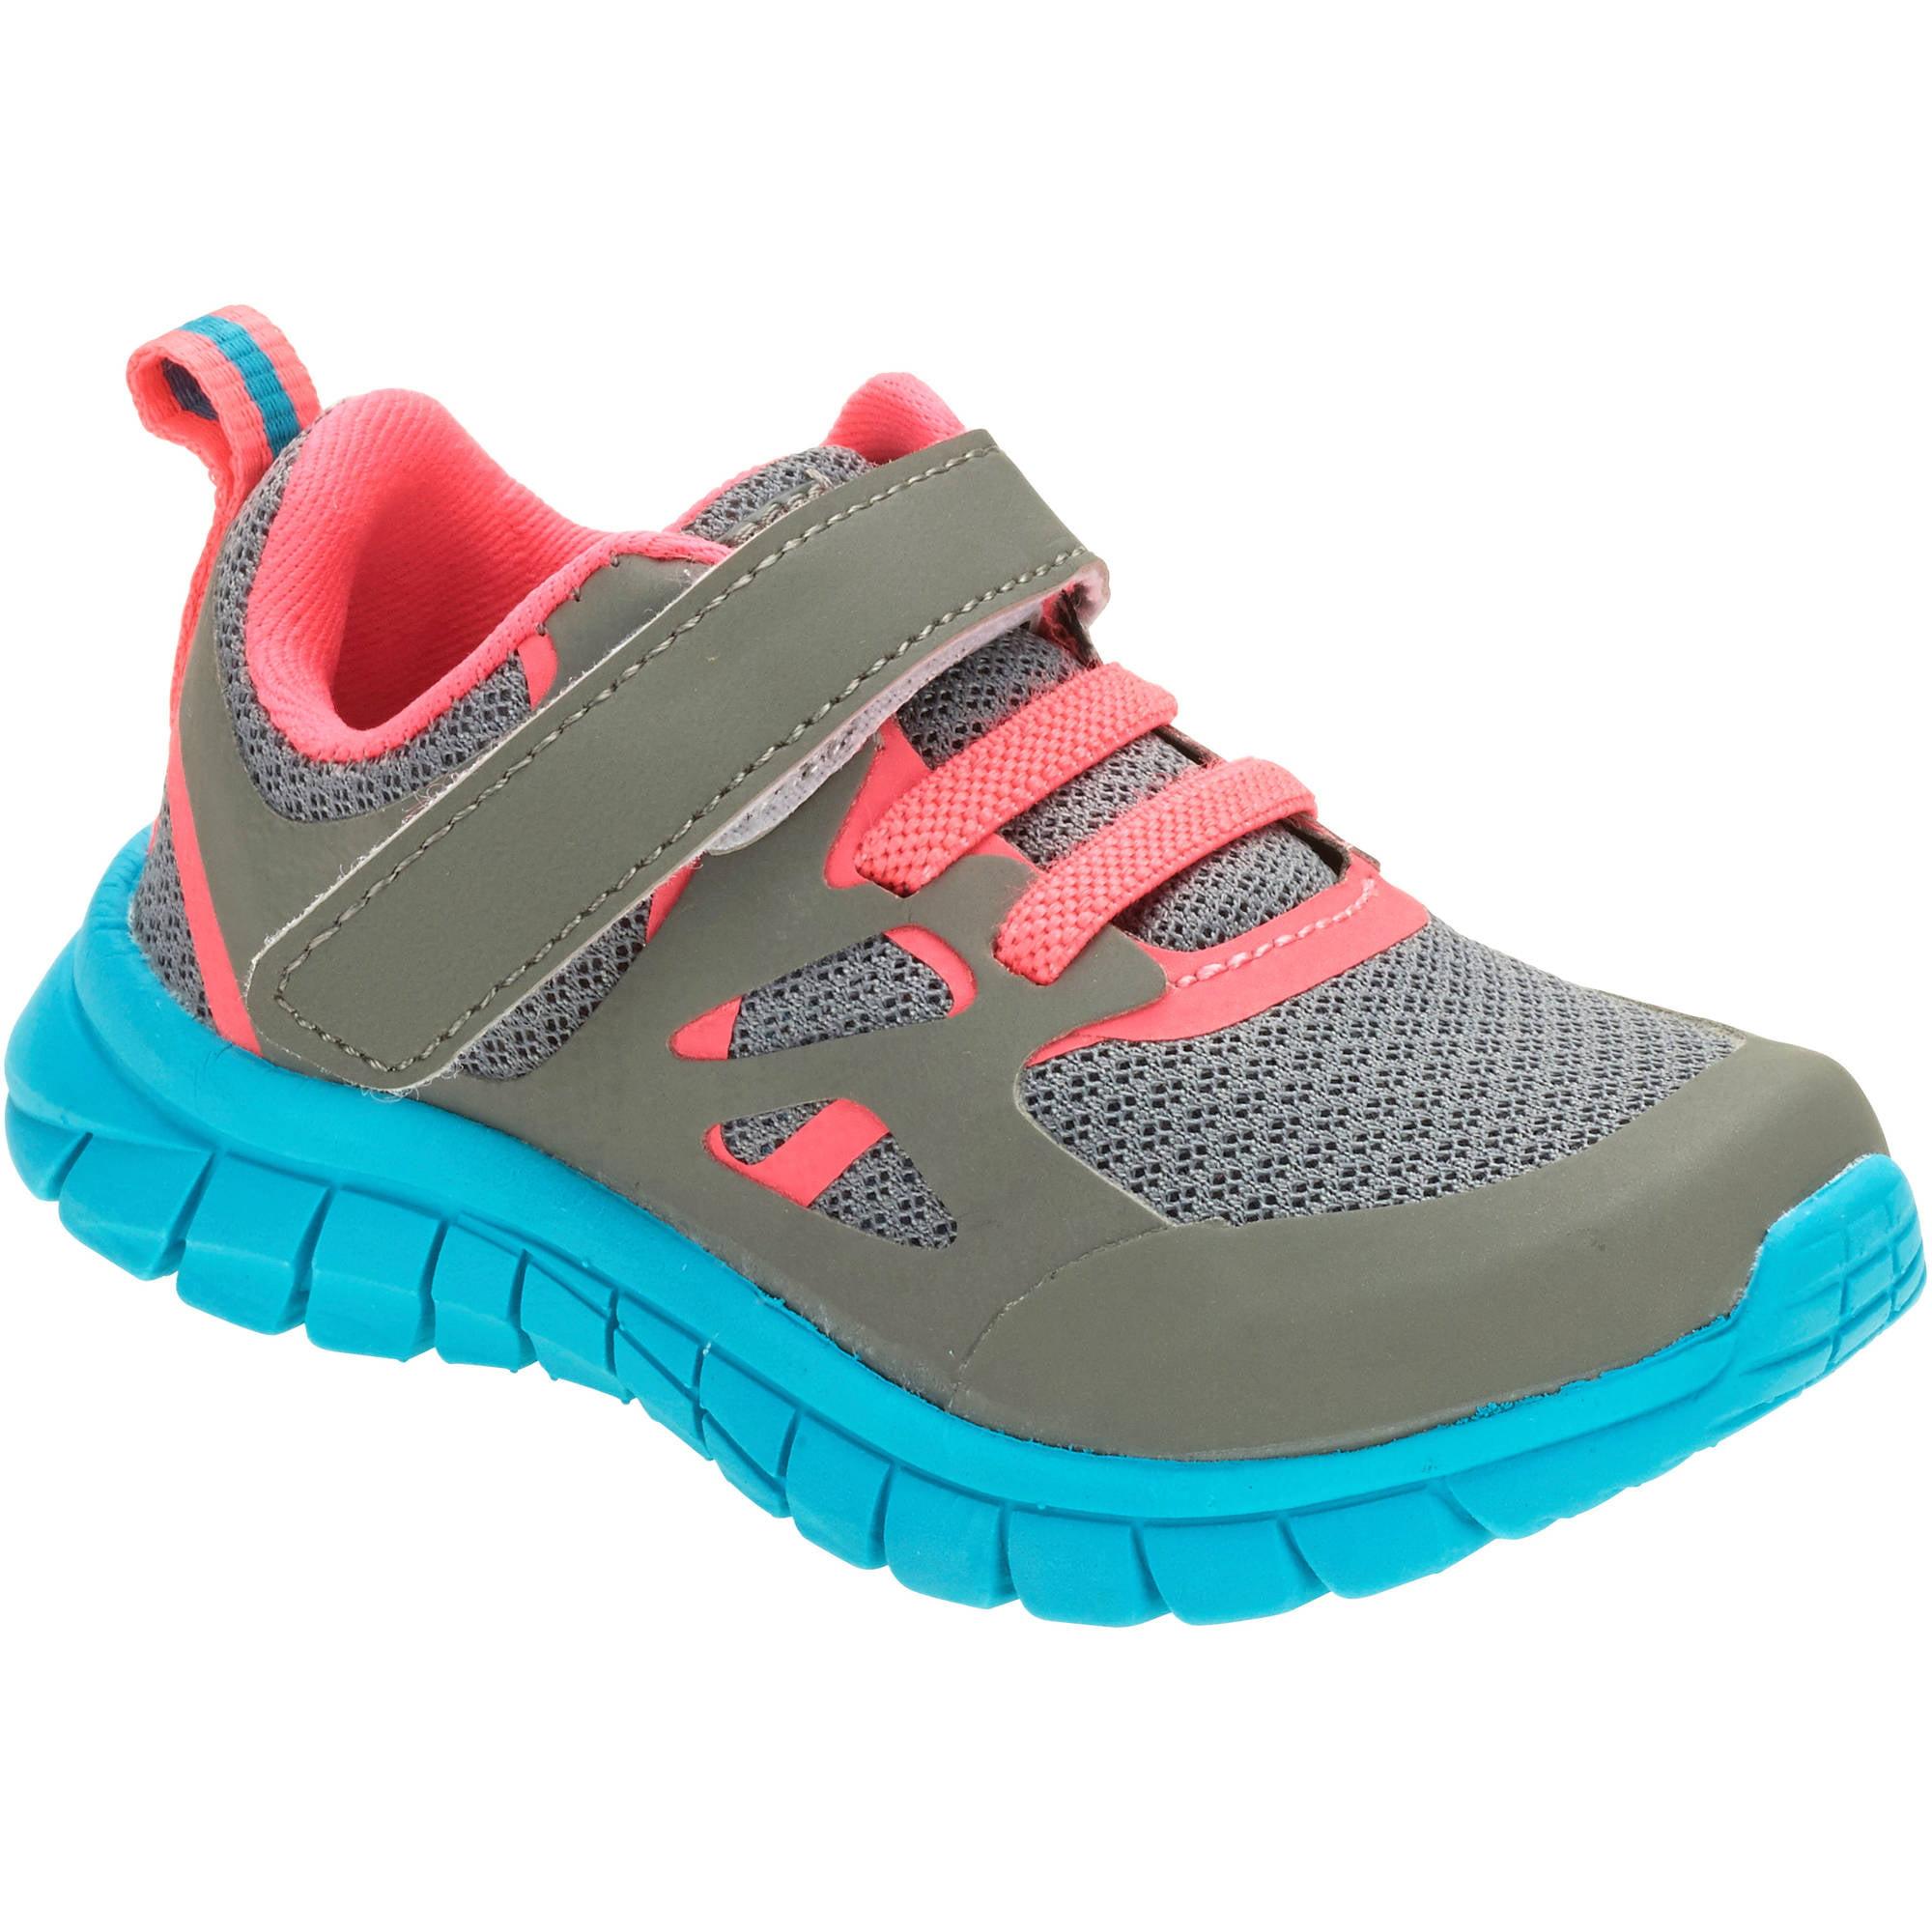 Danskin Now Toddler Girls' Overlay Running Shoe by